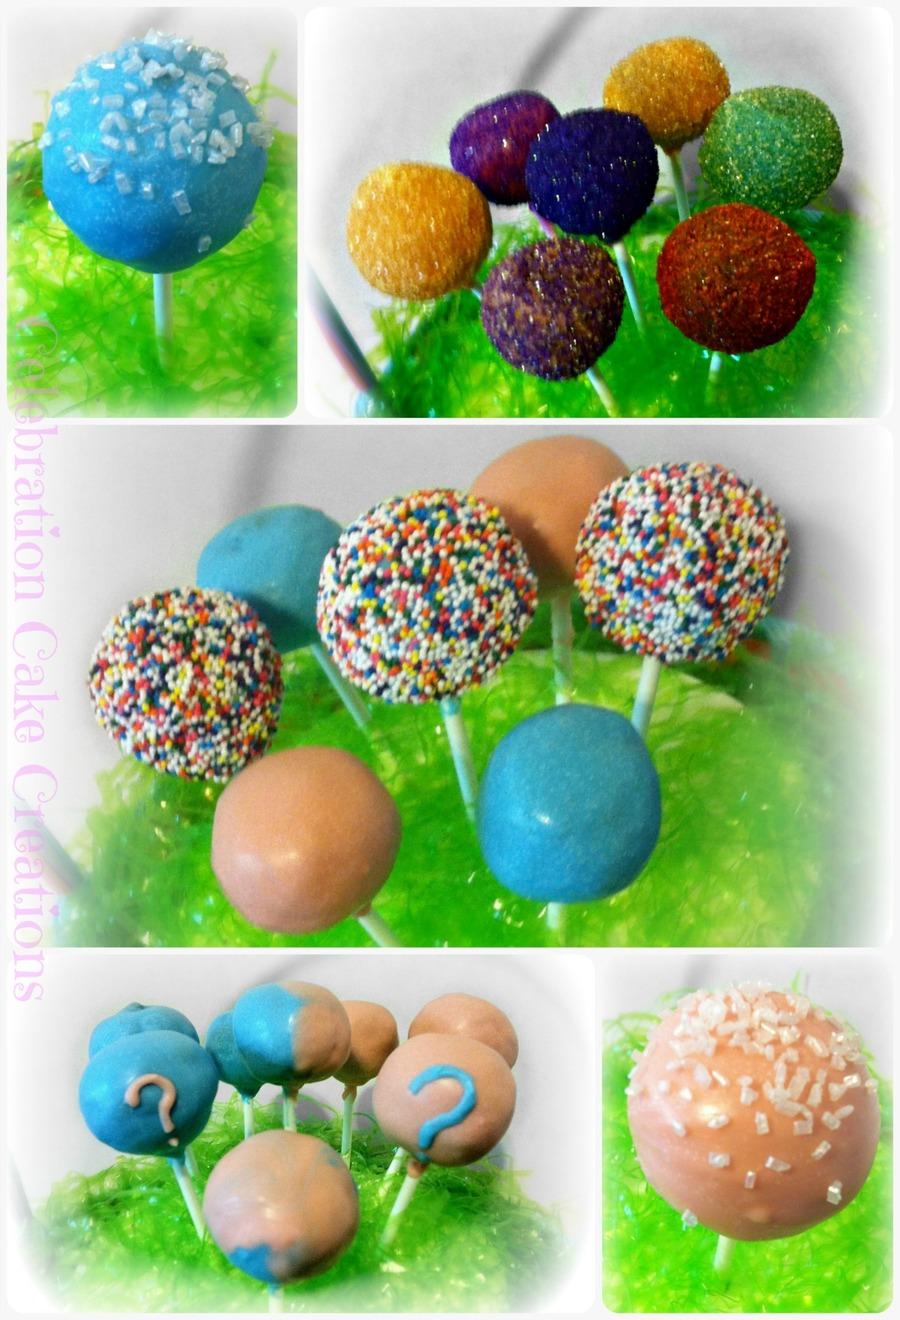 Goof Balls - CakeCentral.com